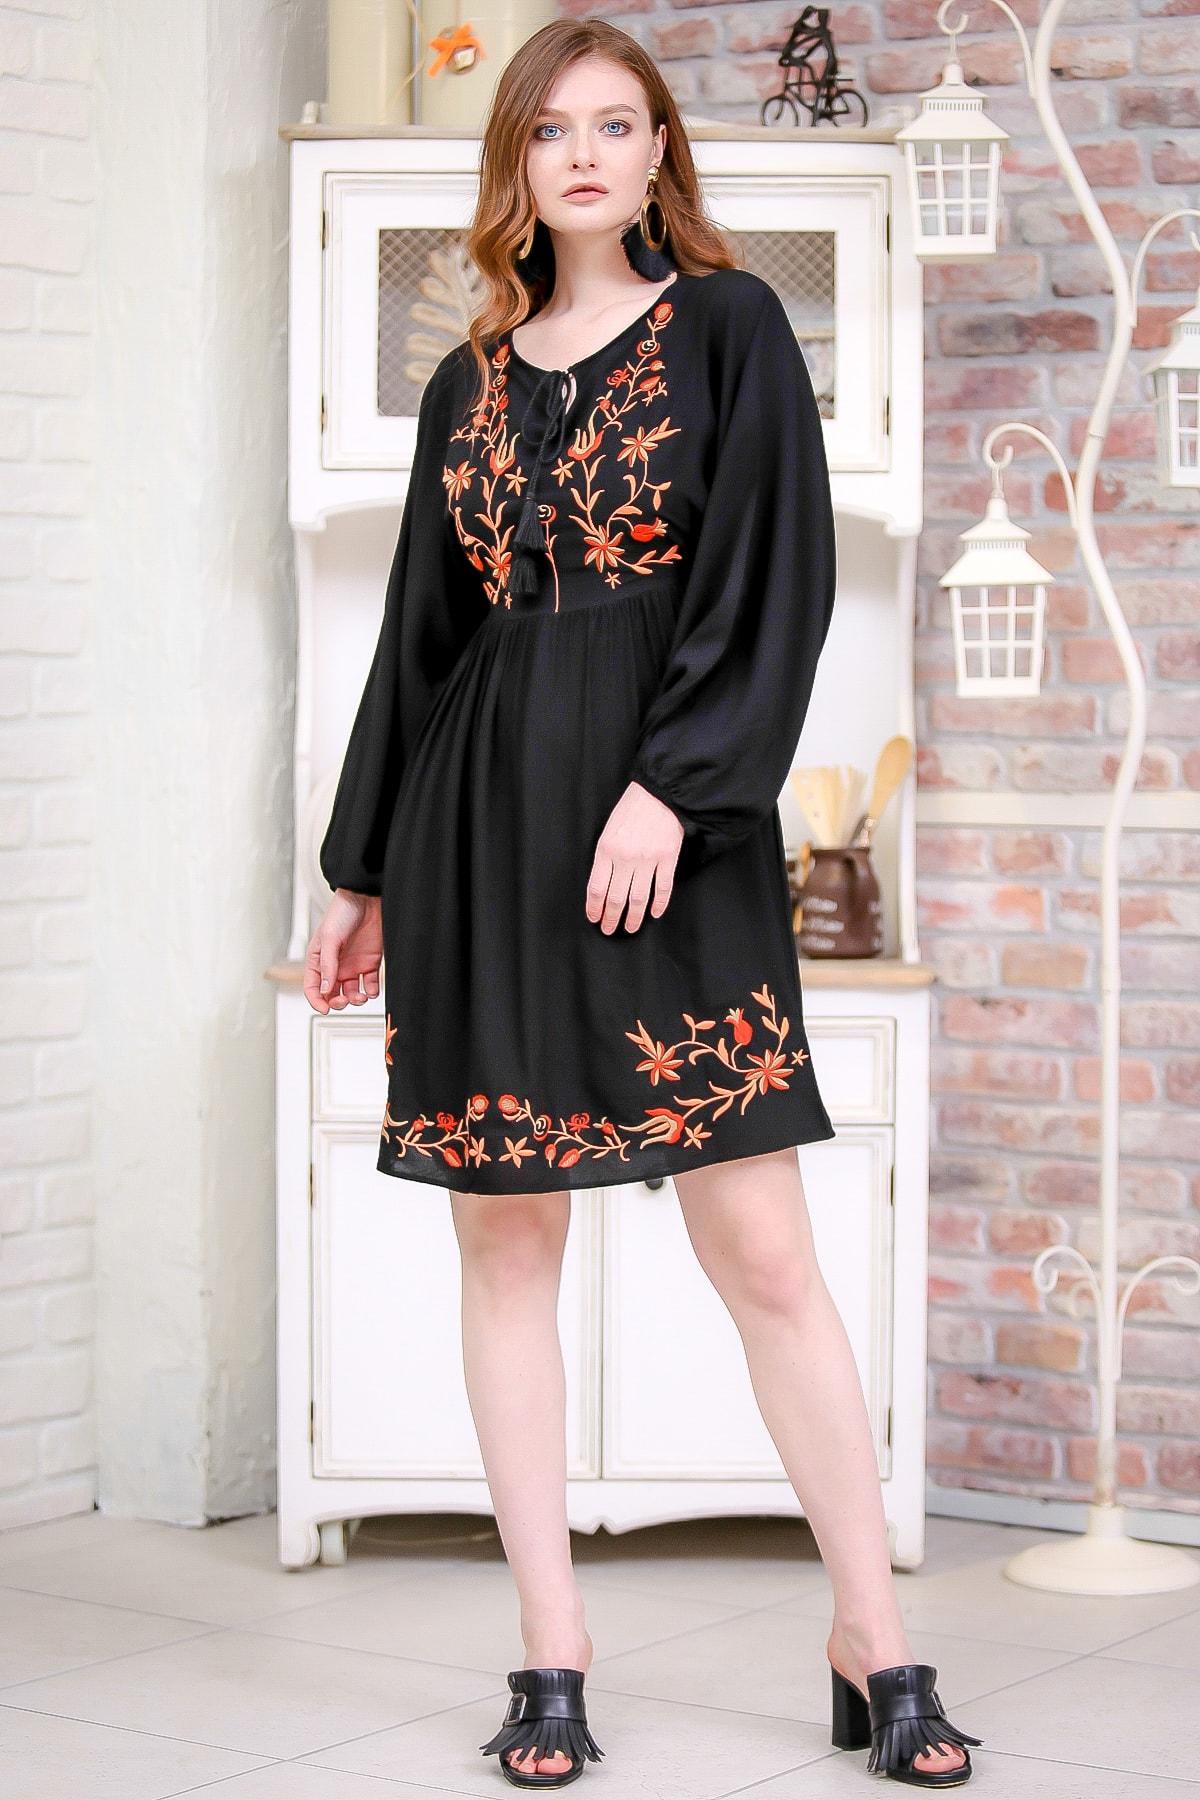 Chiccy Kadın Siyah Retro Çiçek Nakış Detaylı Balon Kol Dokuma Astarlı Elbise  M10160000EL97273 2